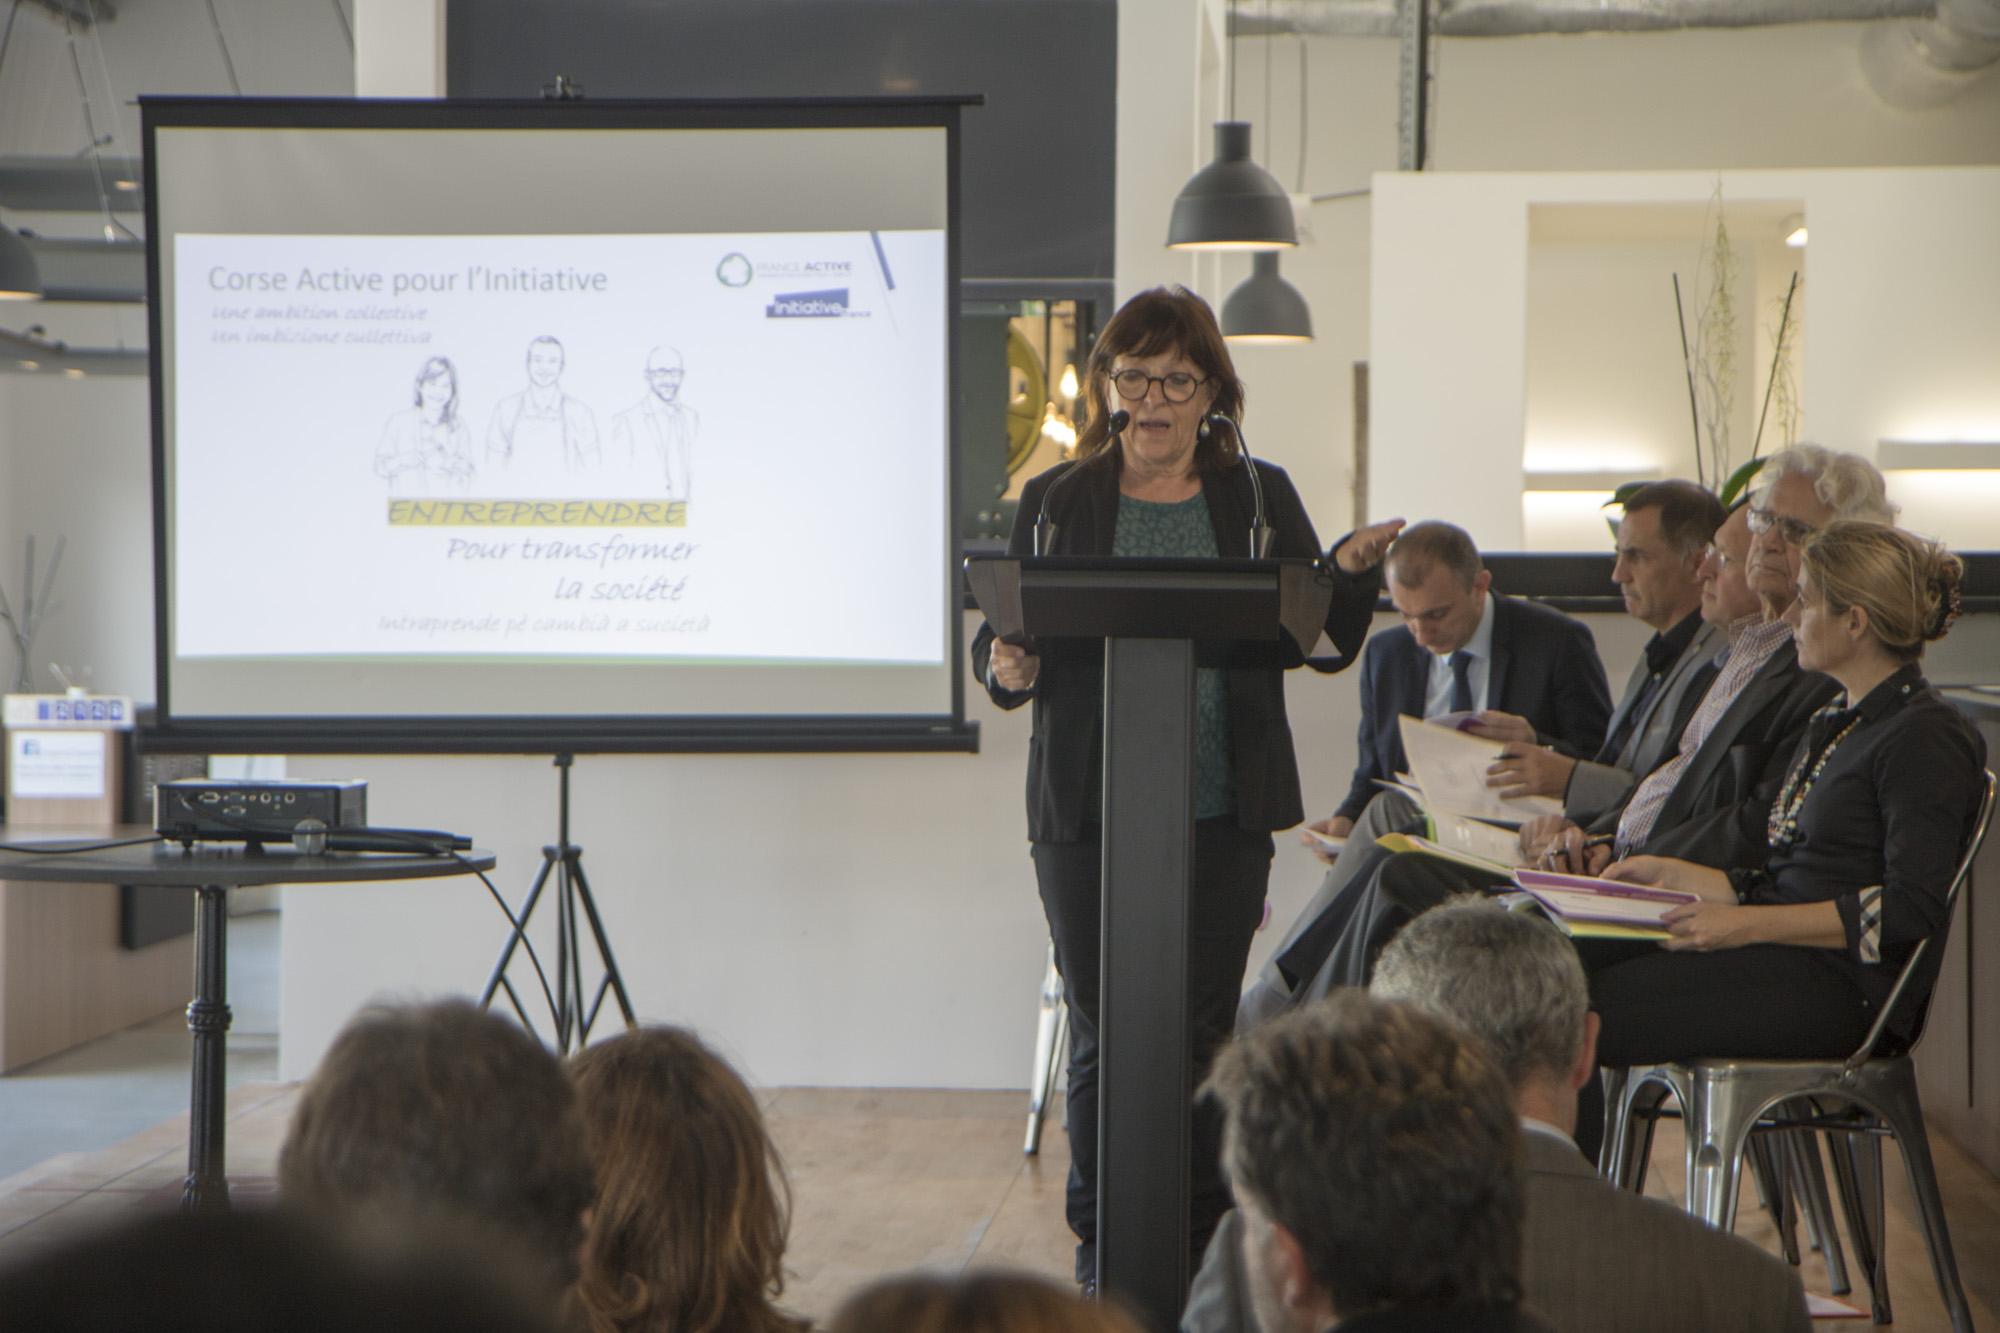 Corse Active pour l'Initiative : un dispositif financier dédié aux Entrepreneurs